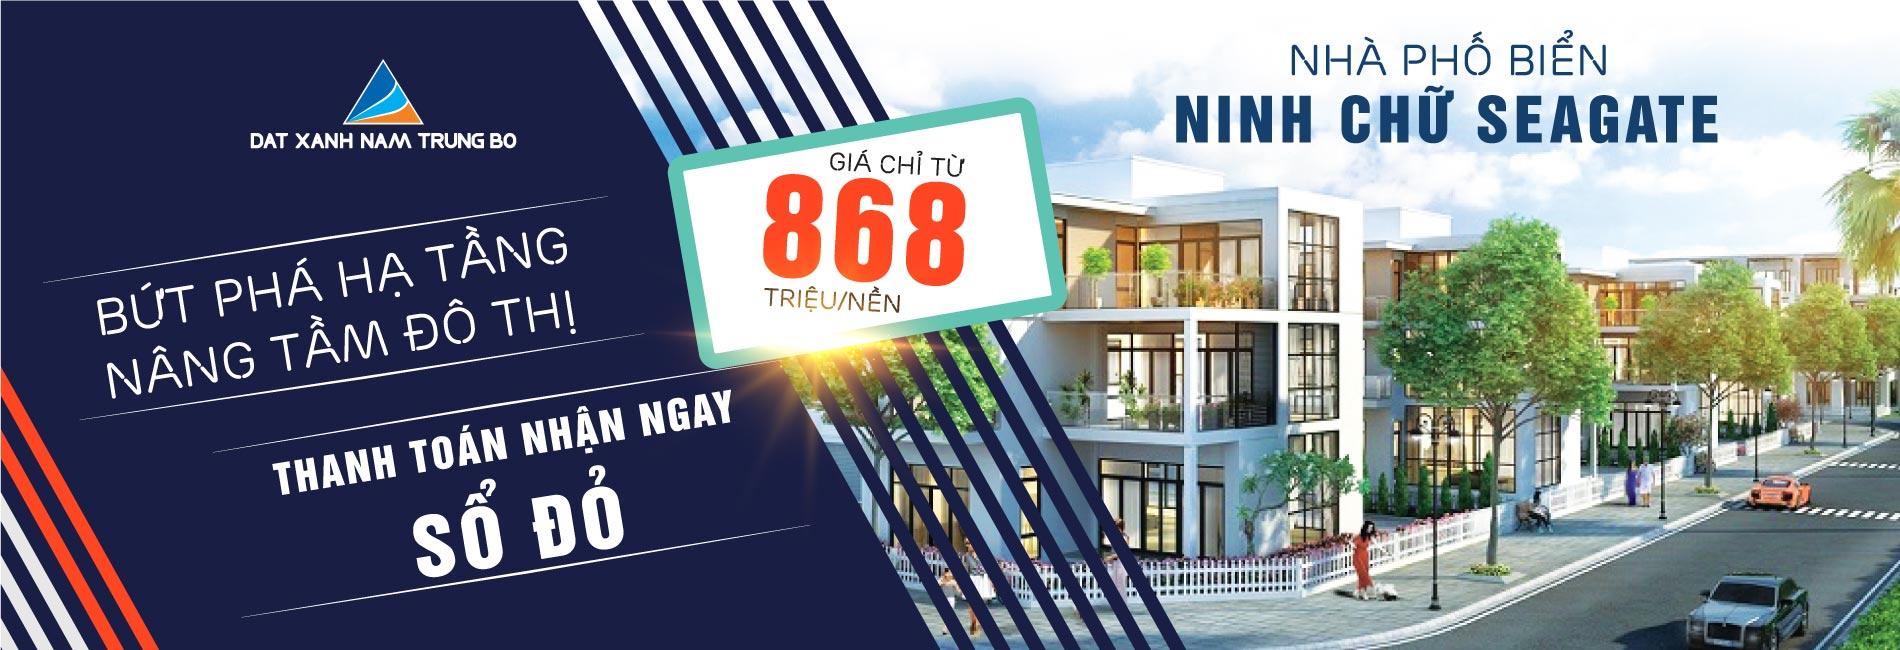 Nhà phố biển Ninh Chữ Seagate chỉ 868 triệu/m2